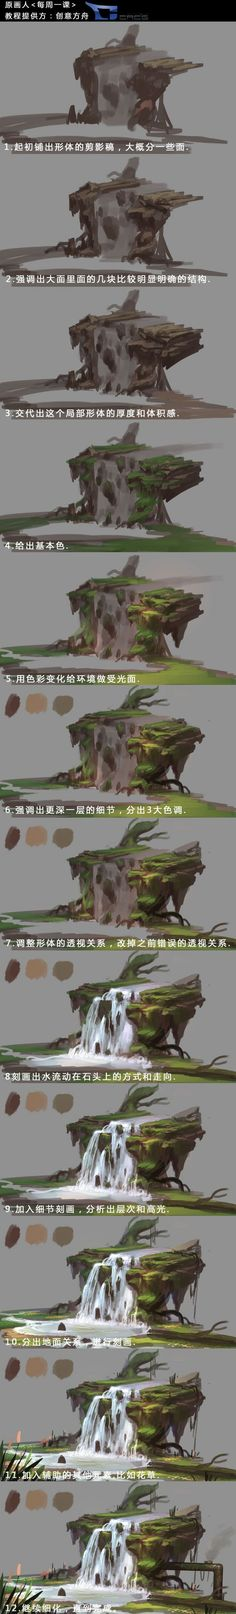 d31c31cd816ca28146214c808111abbb.jpg (658×4501)